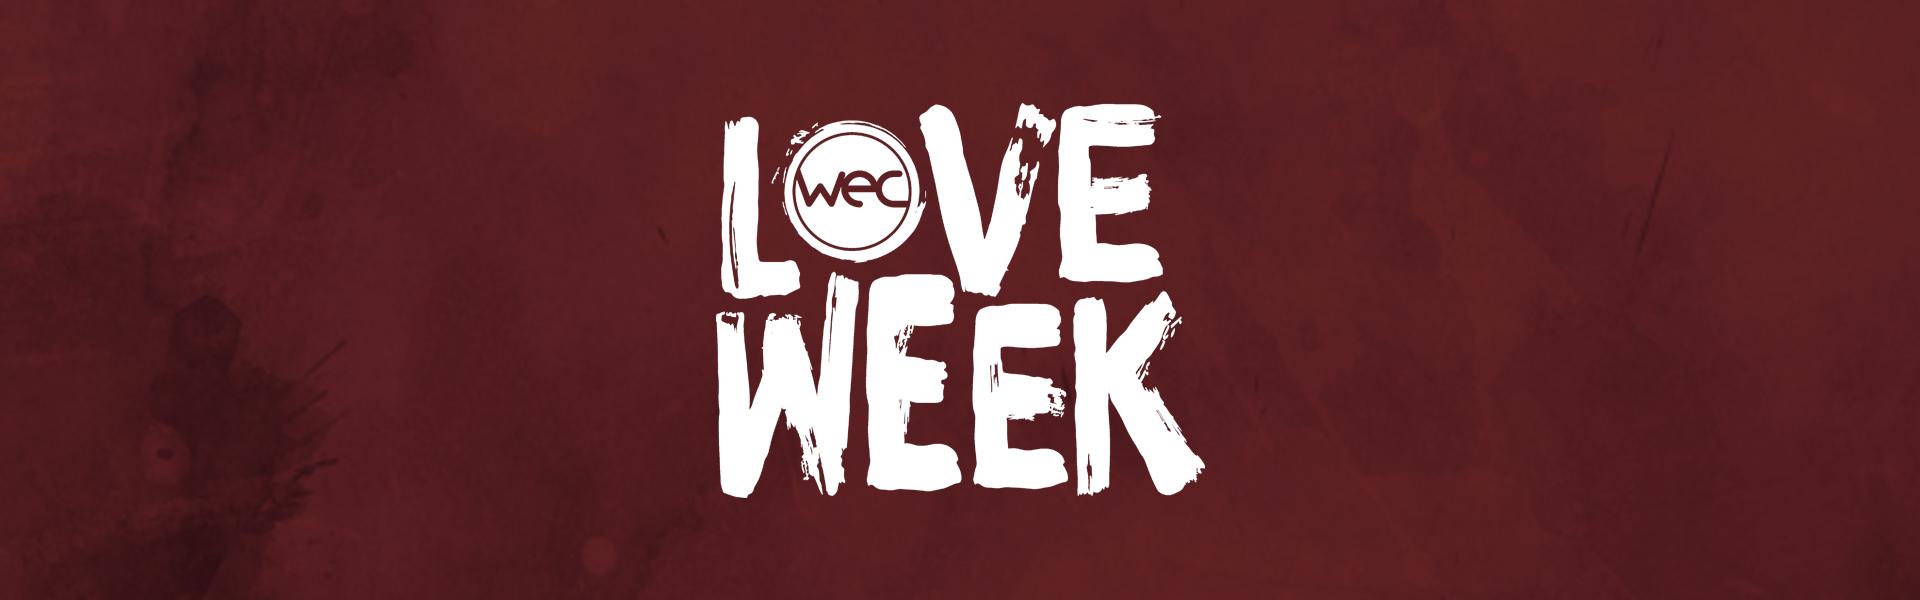 love week 2019 header.jpg